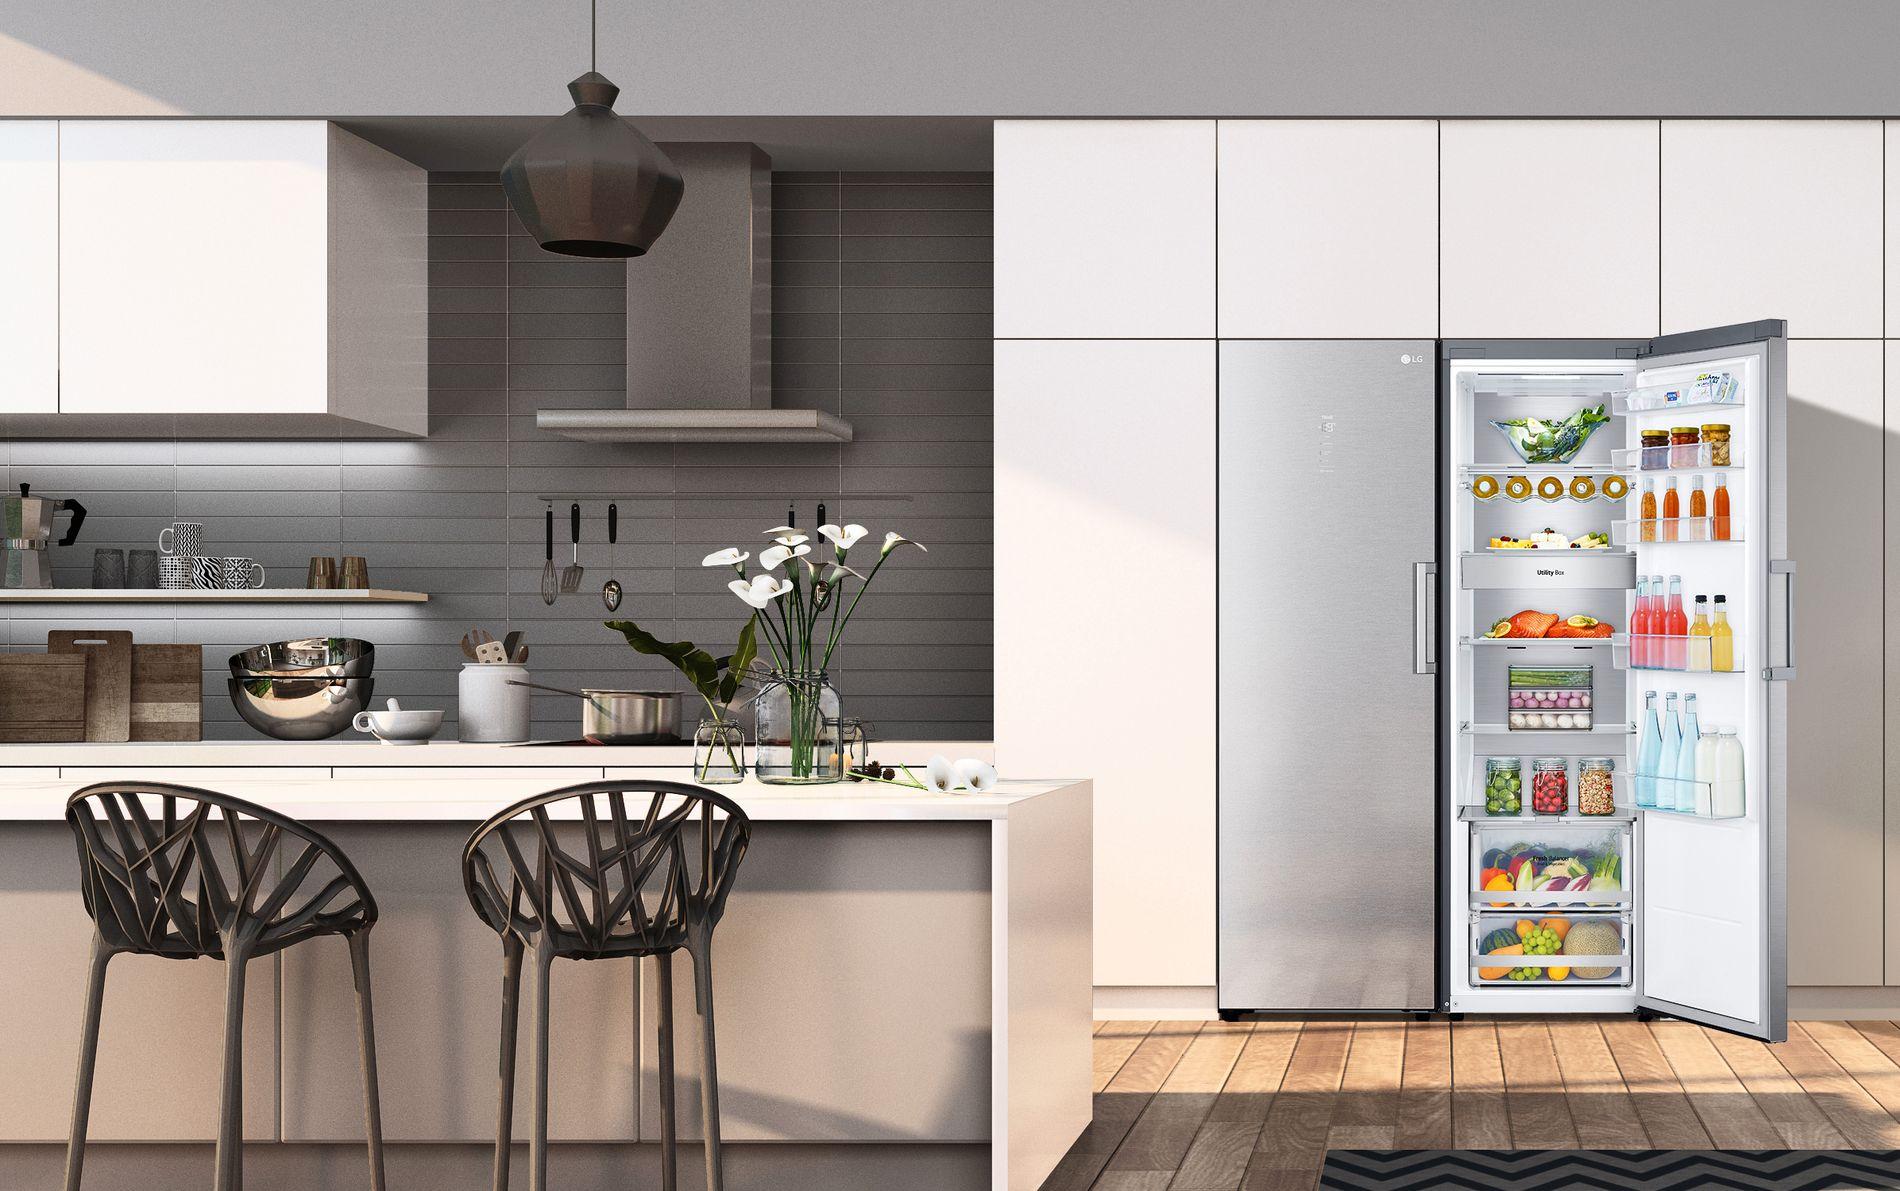 LGs kjøleskap er spesiallaget for at matvarene dine skal oppbevares mest mulig hensiktsmessig.